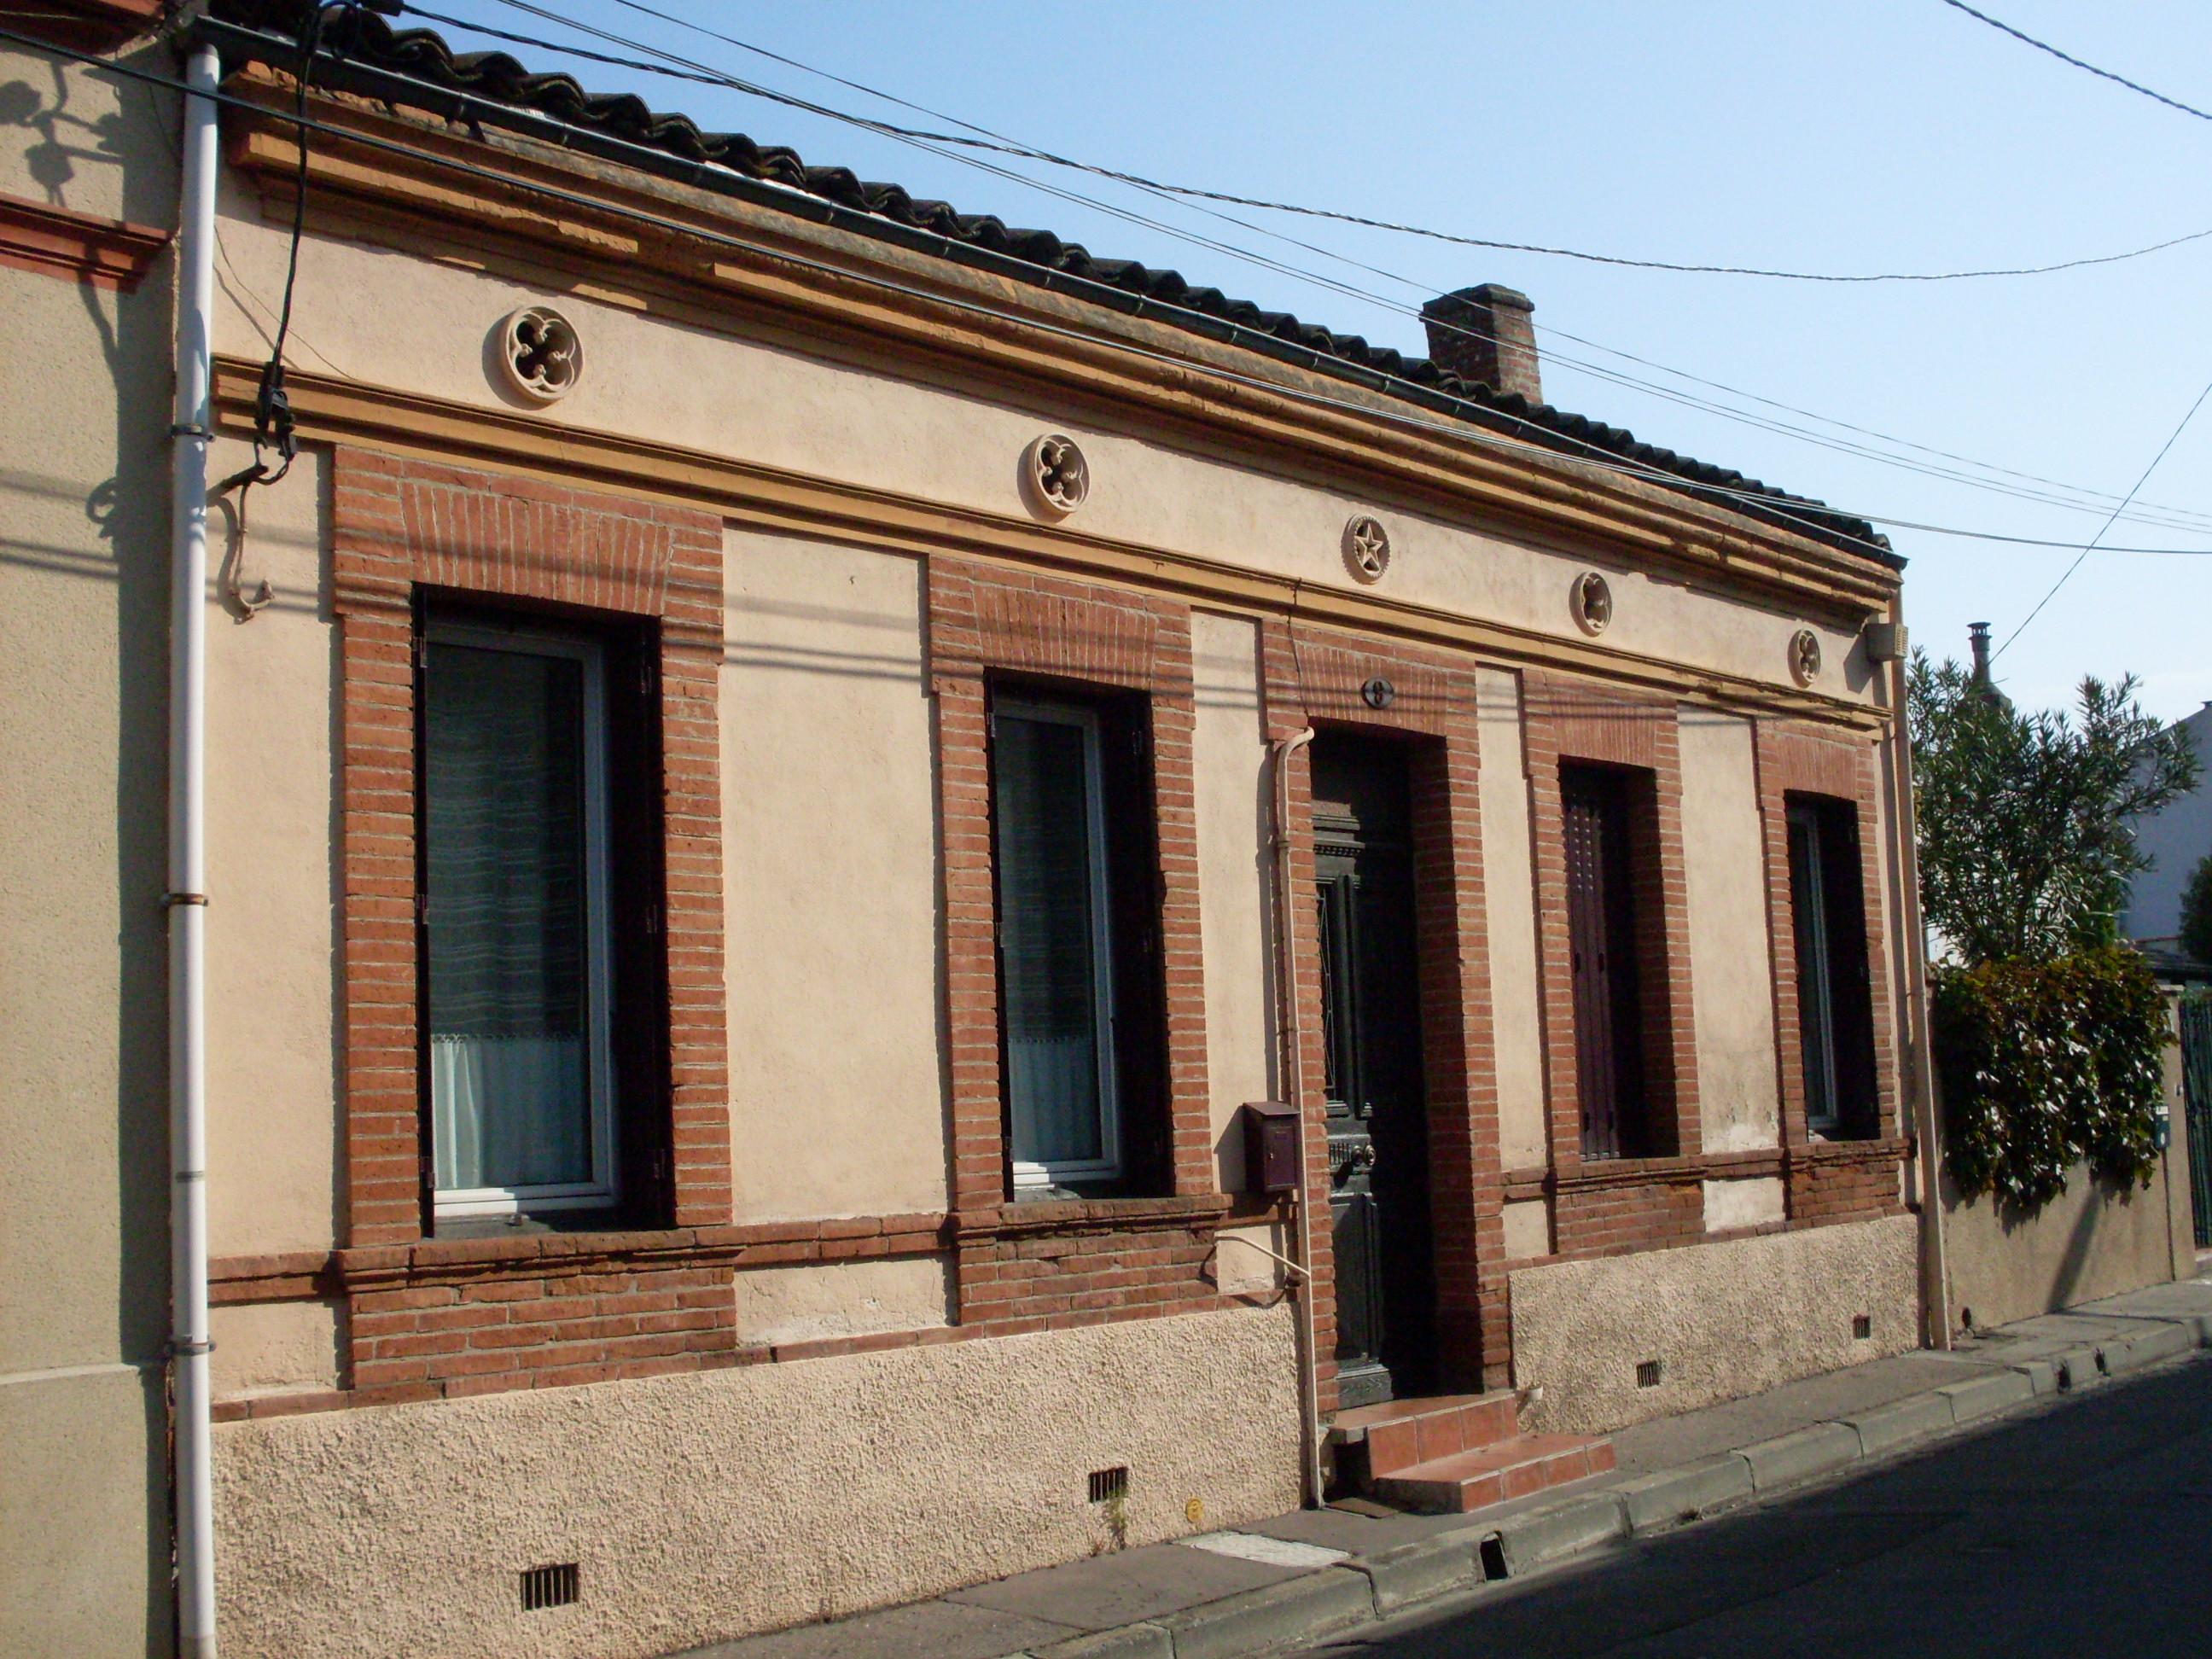 Couleur Façade Maison Ancienne maison toulousaine — wikipédia